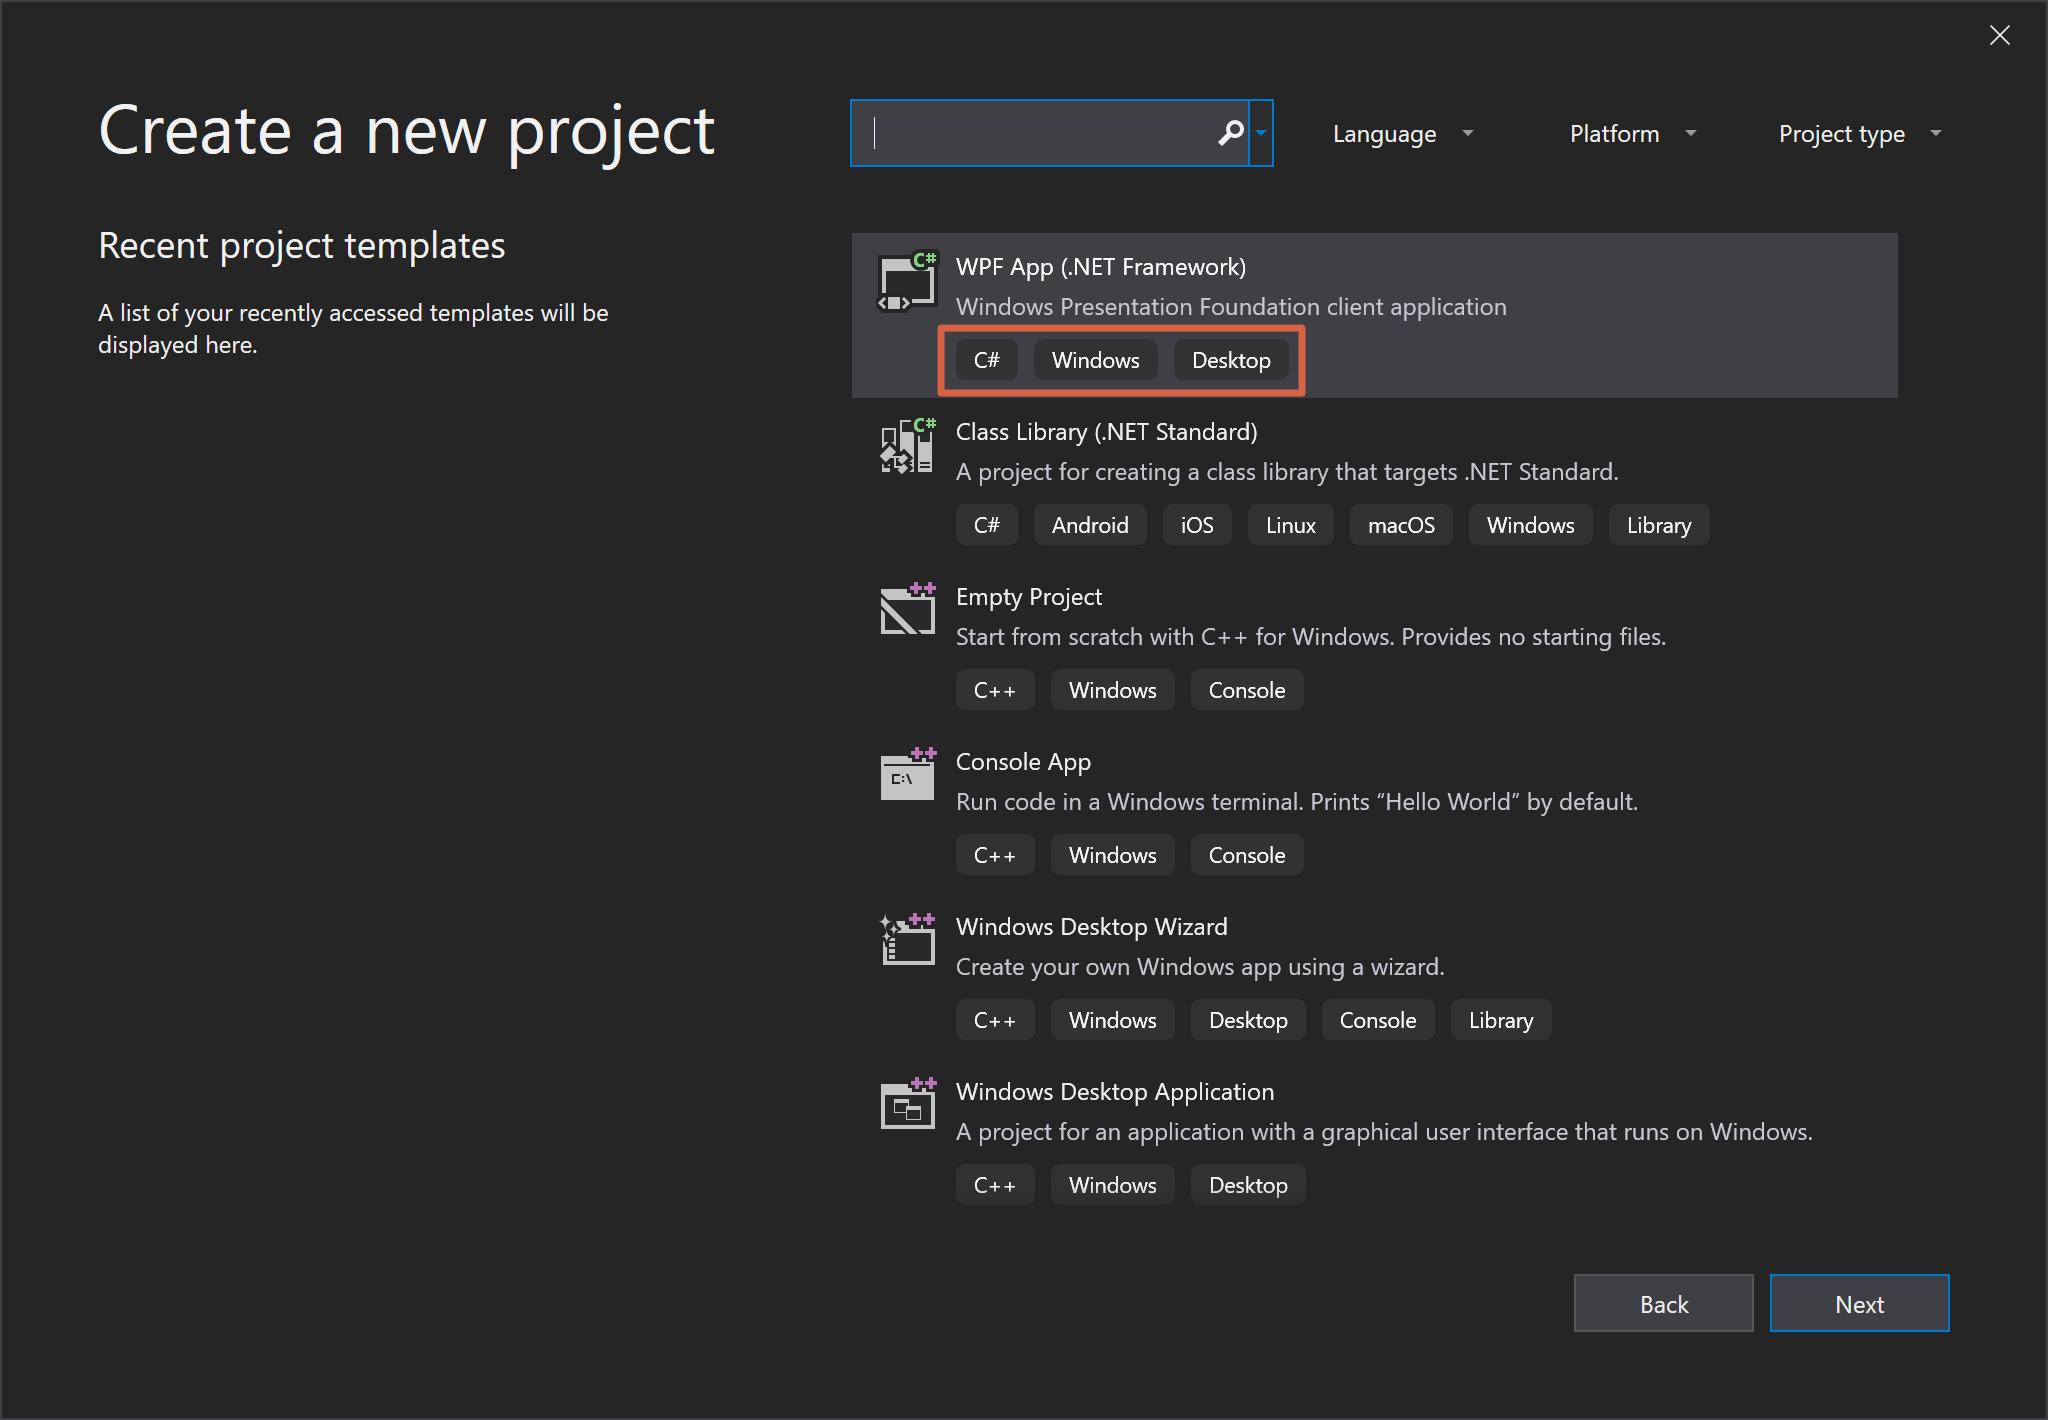 Создание шаблонов с тегами в Visual Studio для эффективного поиска и группировки пользователей